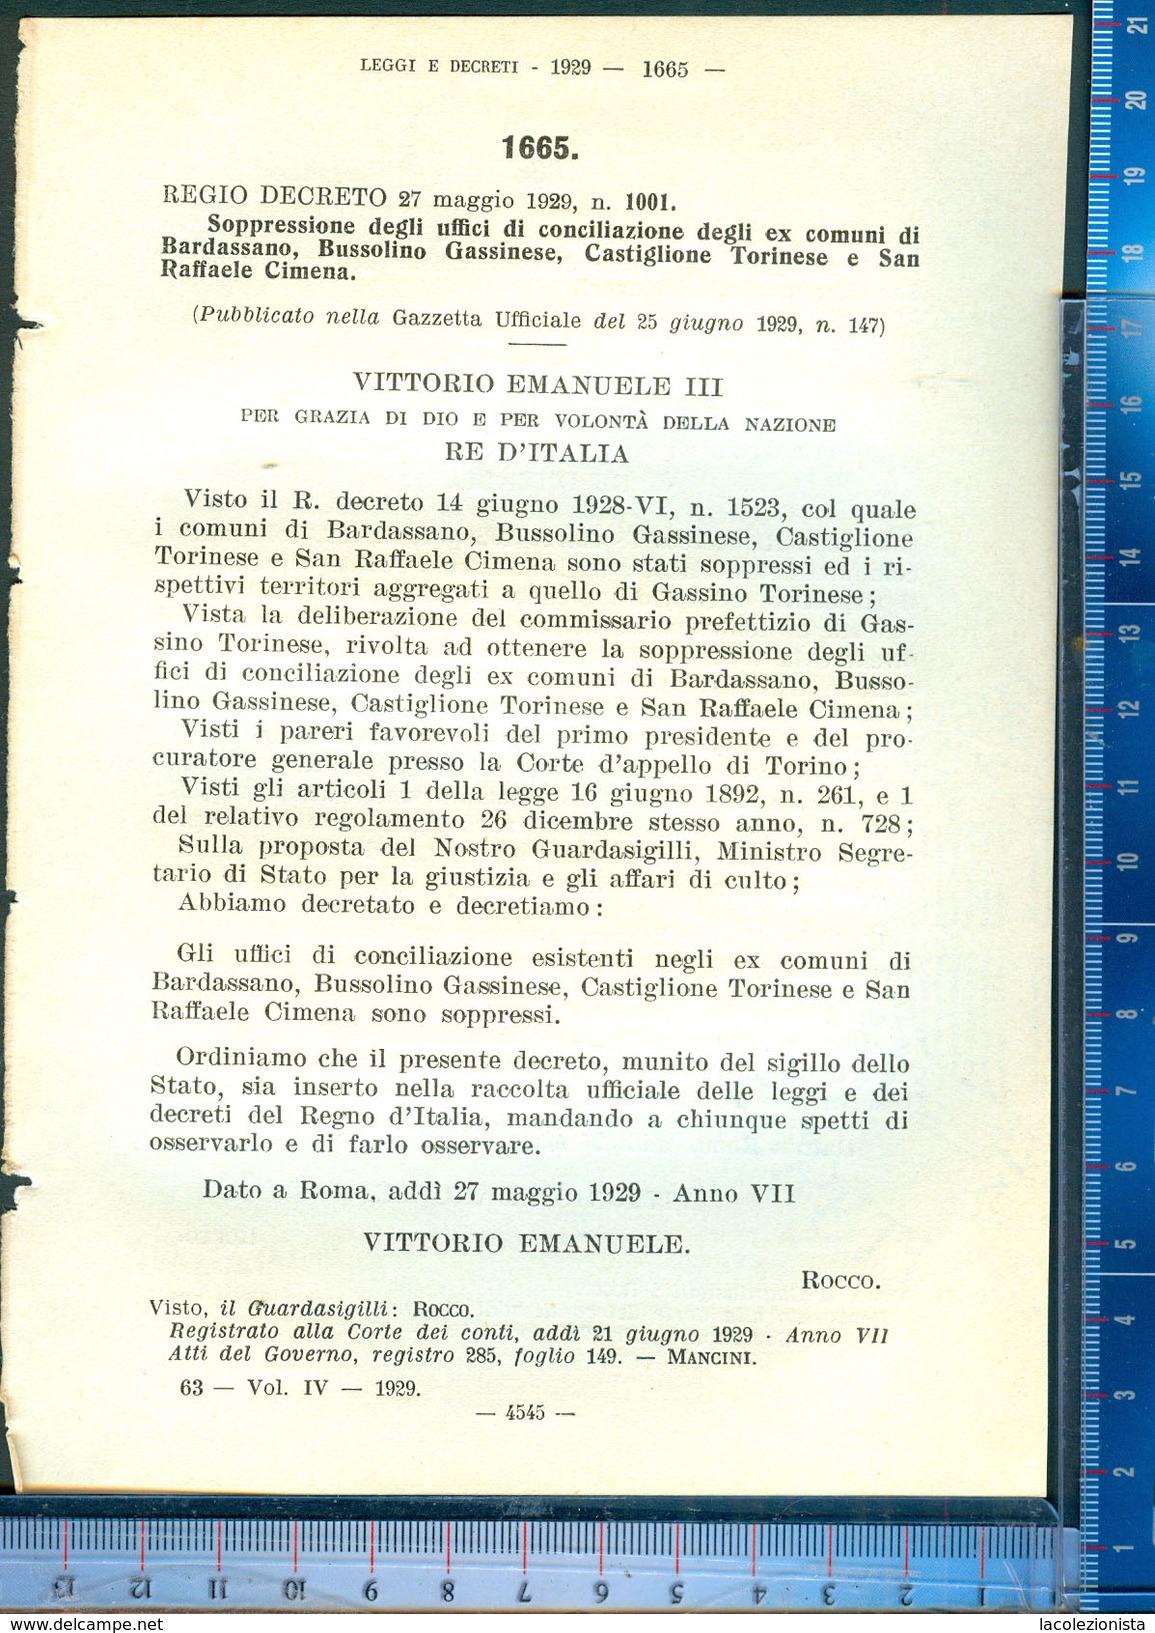 393D/57  REGIO DECRETO MAGGIO 1929 SOPPRESSIONE ... EX COMUNI BARDASSANO,BUSSOLINO GASSINESE CASTIGLIONE TORINESE CIMENA - Decrees & Laws